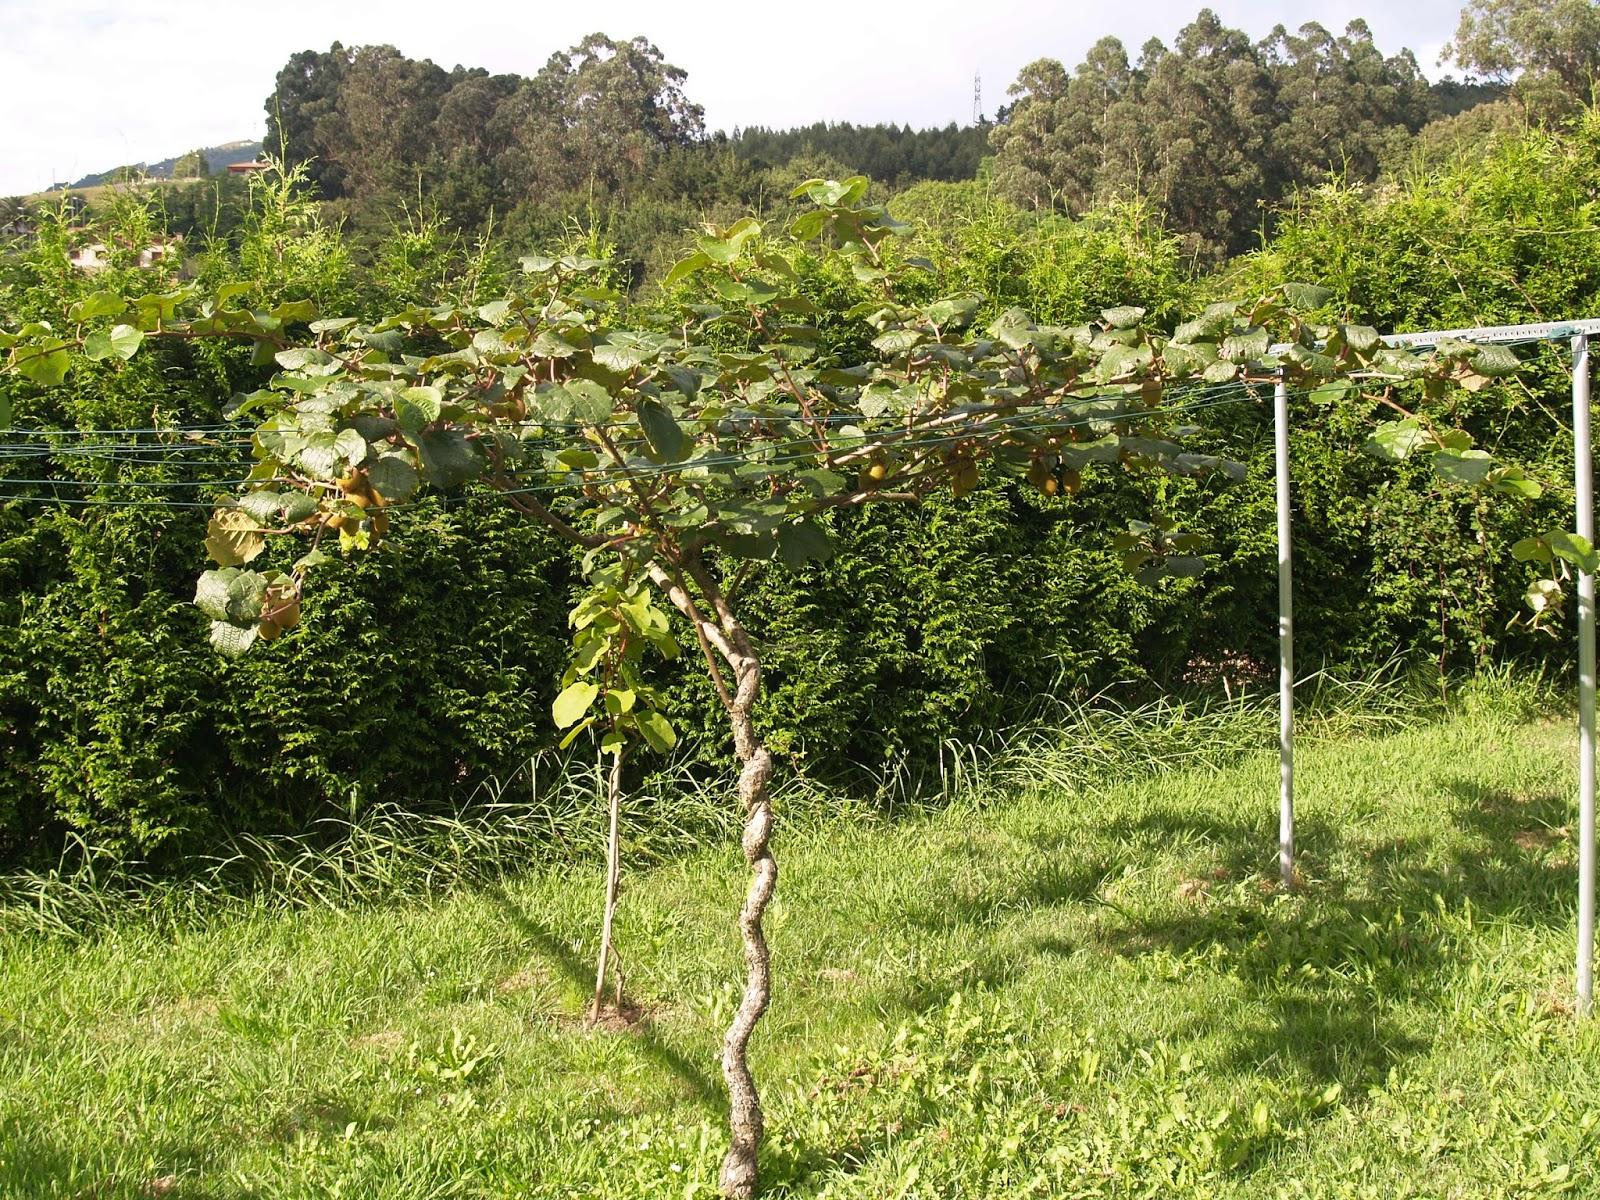 easy garden jardiner a kiwi kiwifruit. Black Bedroom Furniture Sets. Home Design Ideas